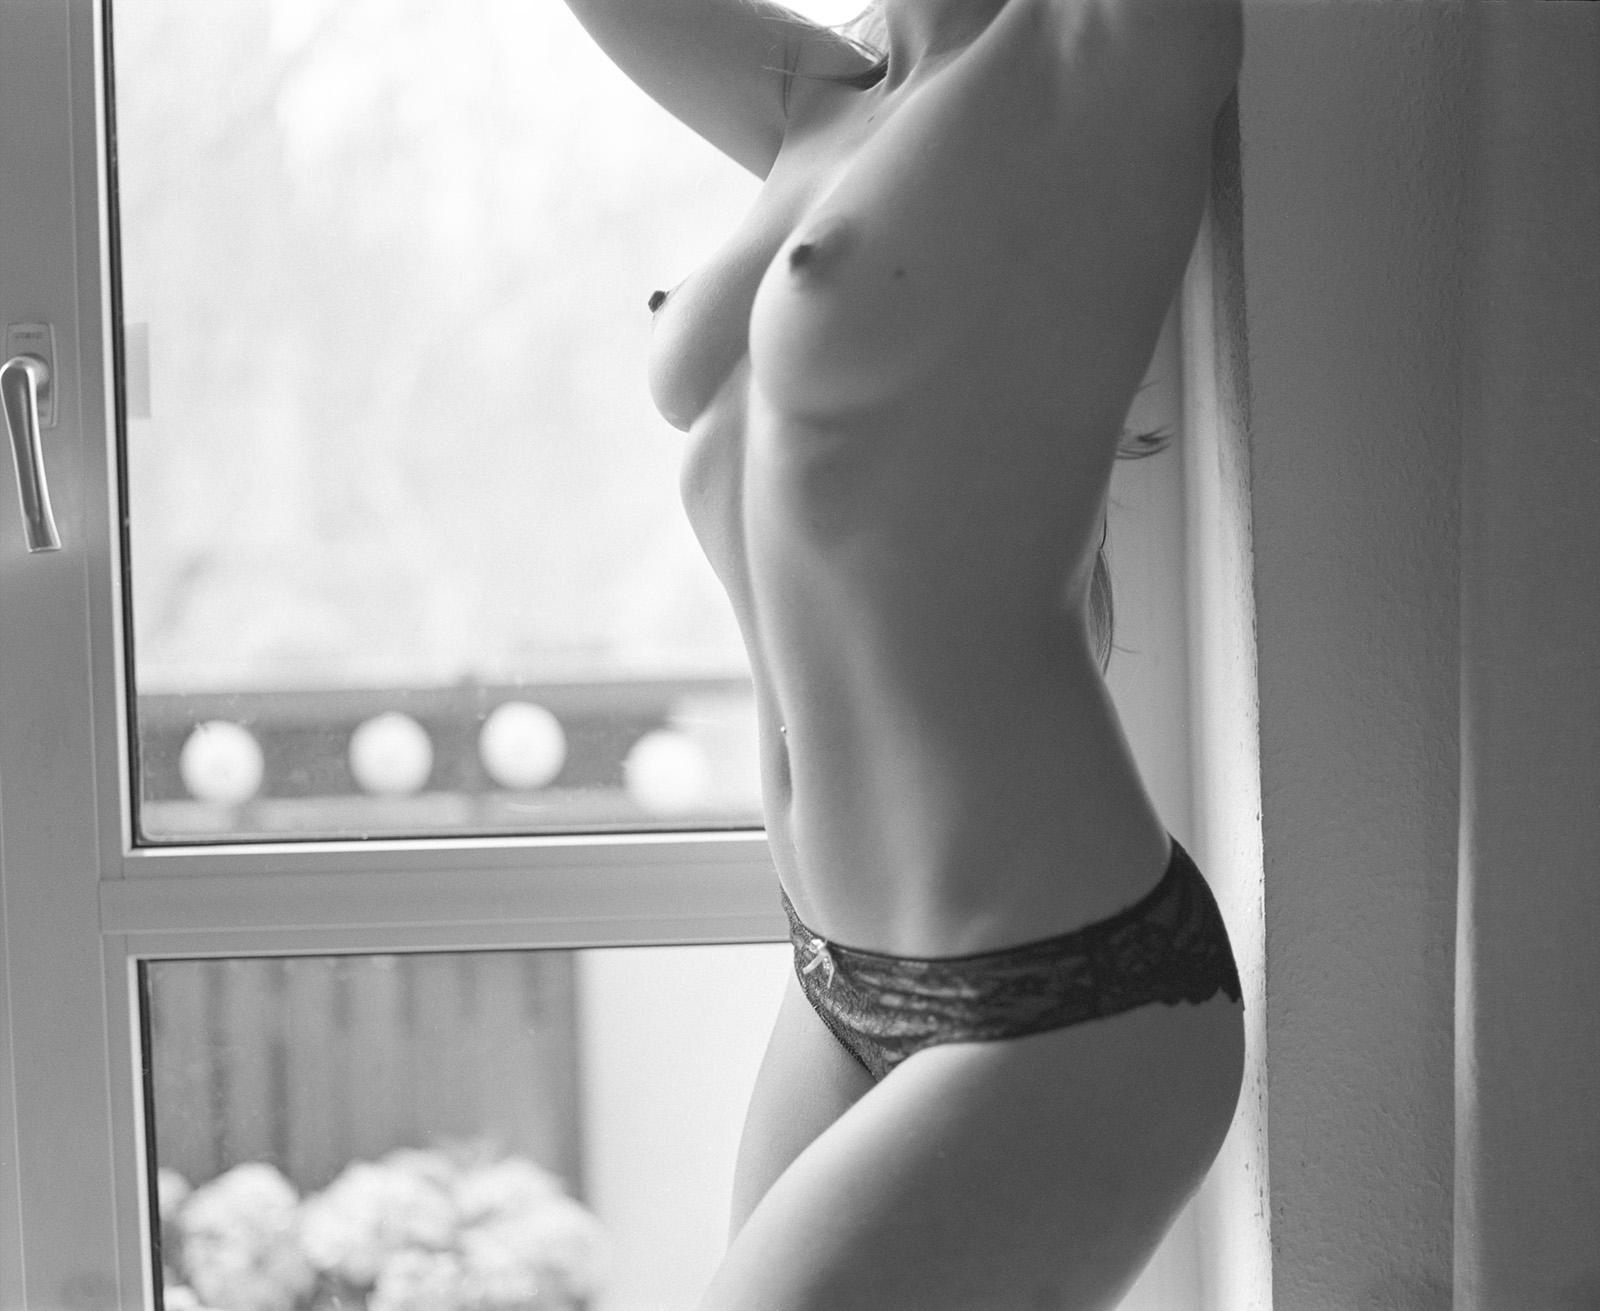 Anastasia vor einem Fenster Anastasia auf ihrem Bett Akt Erotik Boudoir Fotograf sexy Homeshooting nackt